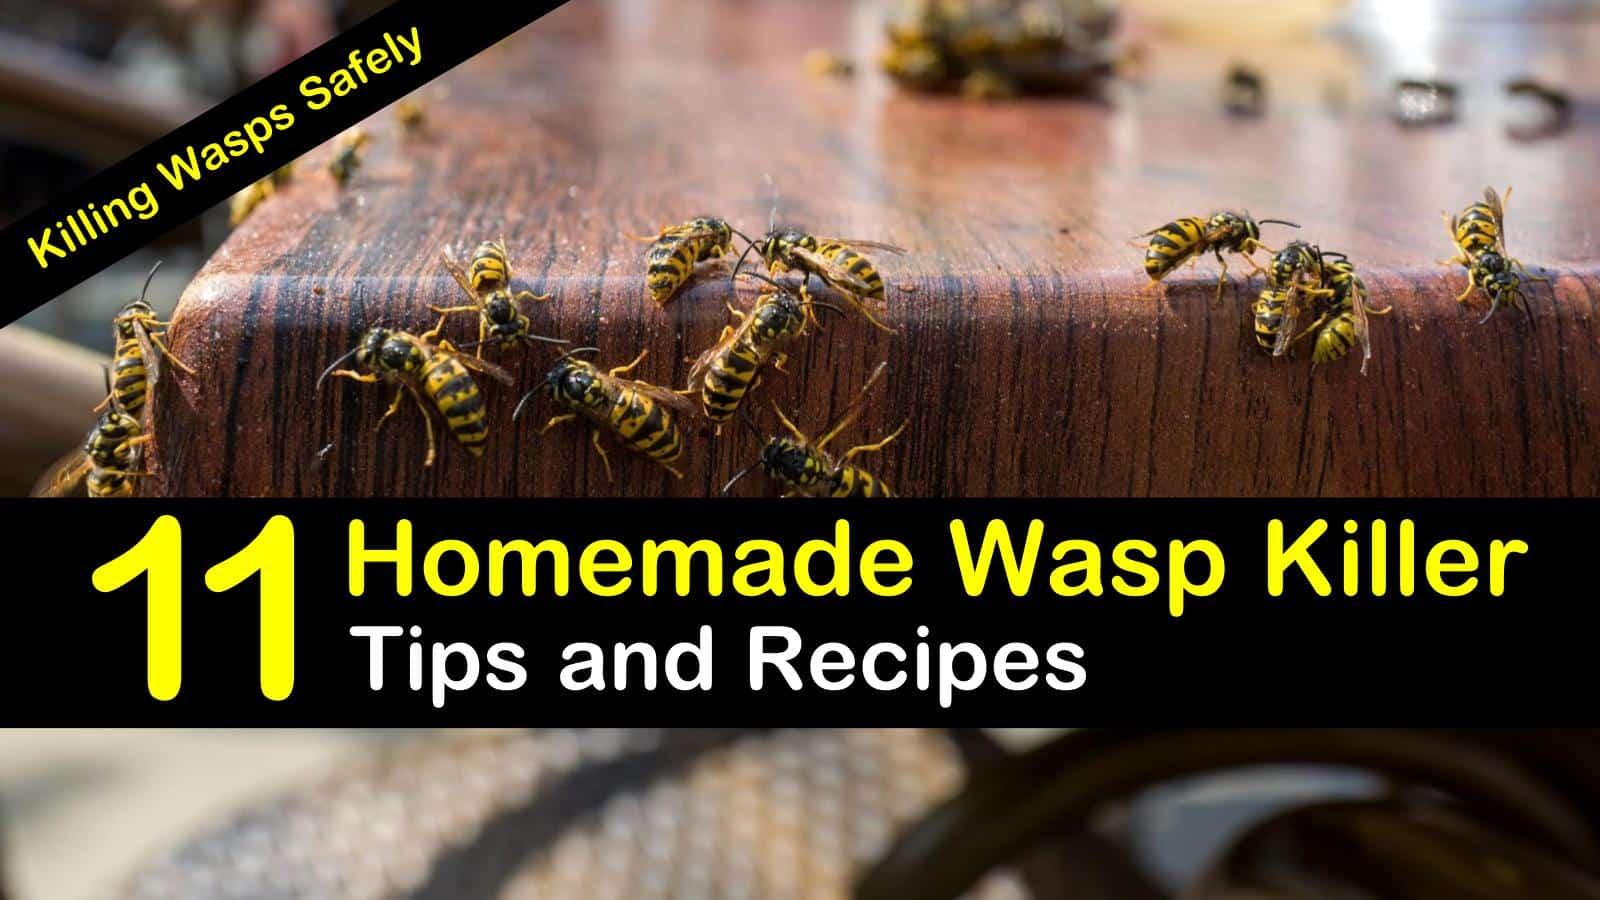 homemade wasp killer titleimg1